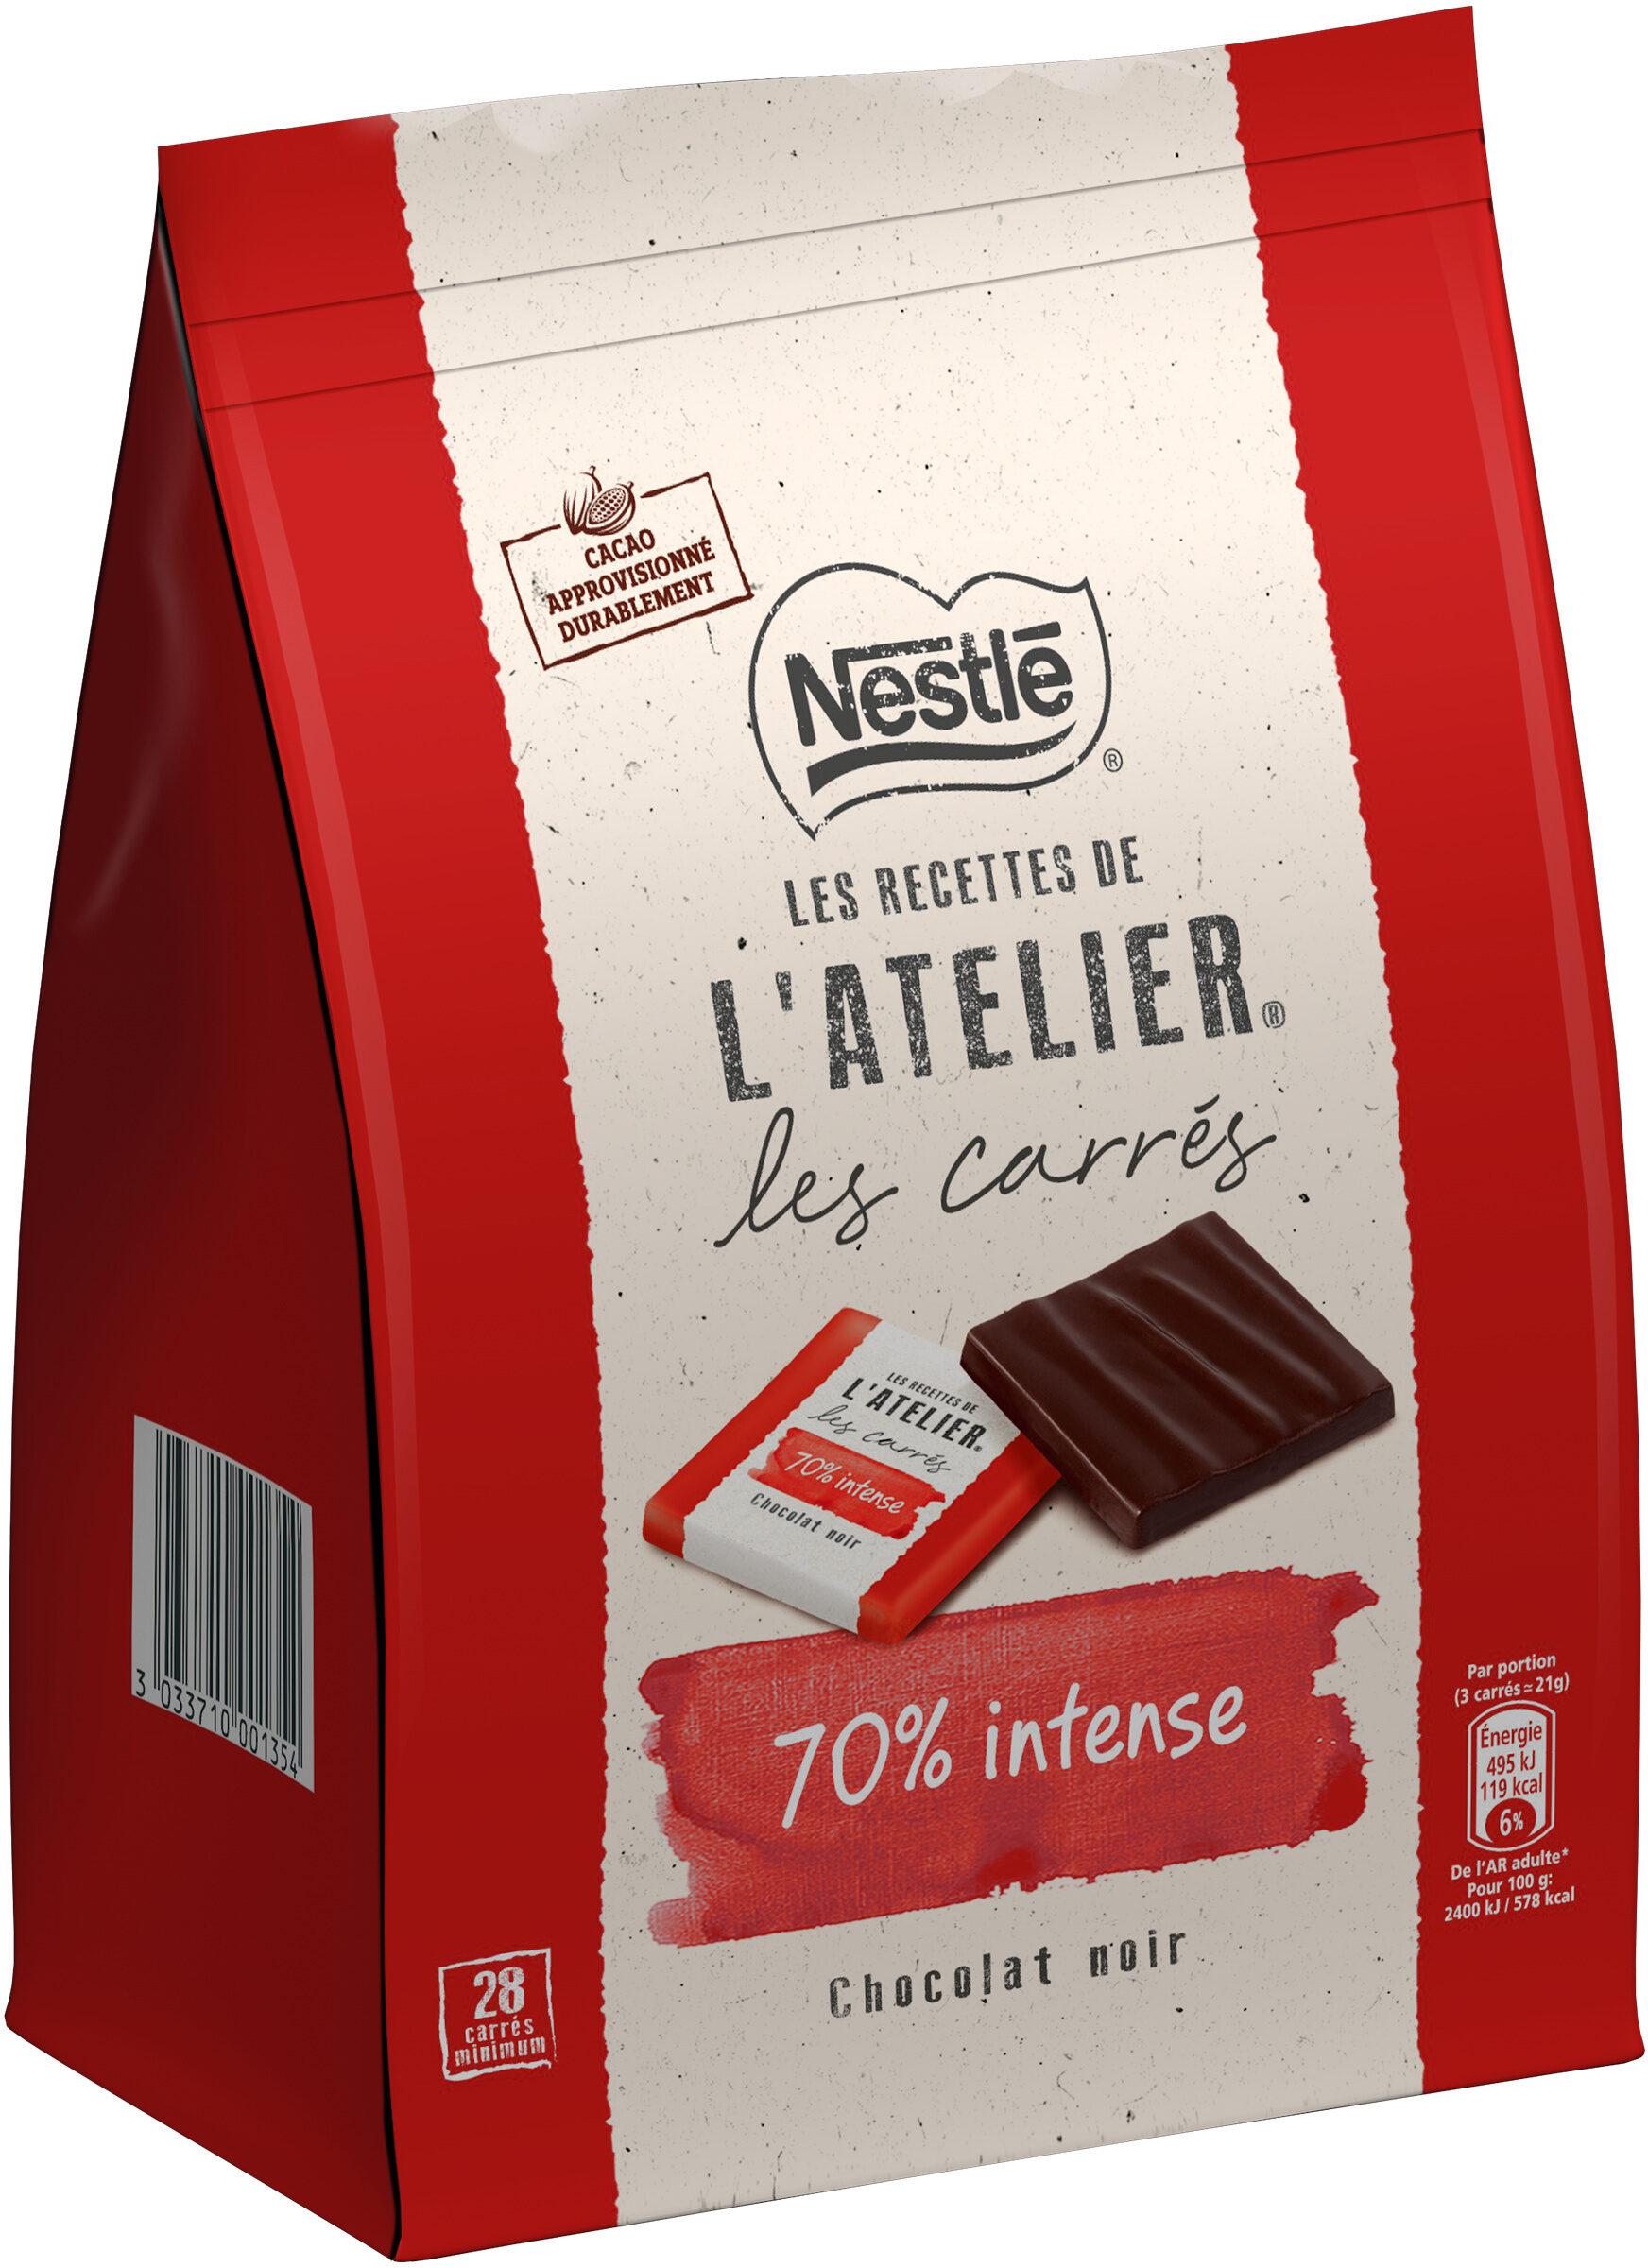 NESTLE L'ATELIER Carrés Dégustation Noir Intense 70% - Prodotto - fr